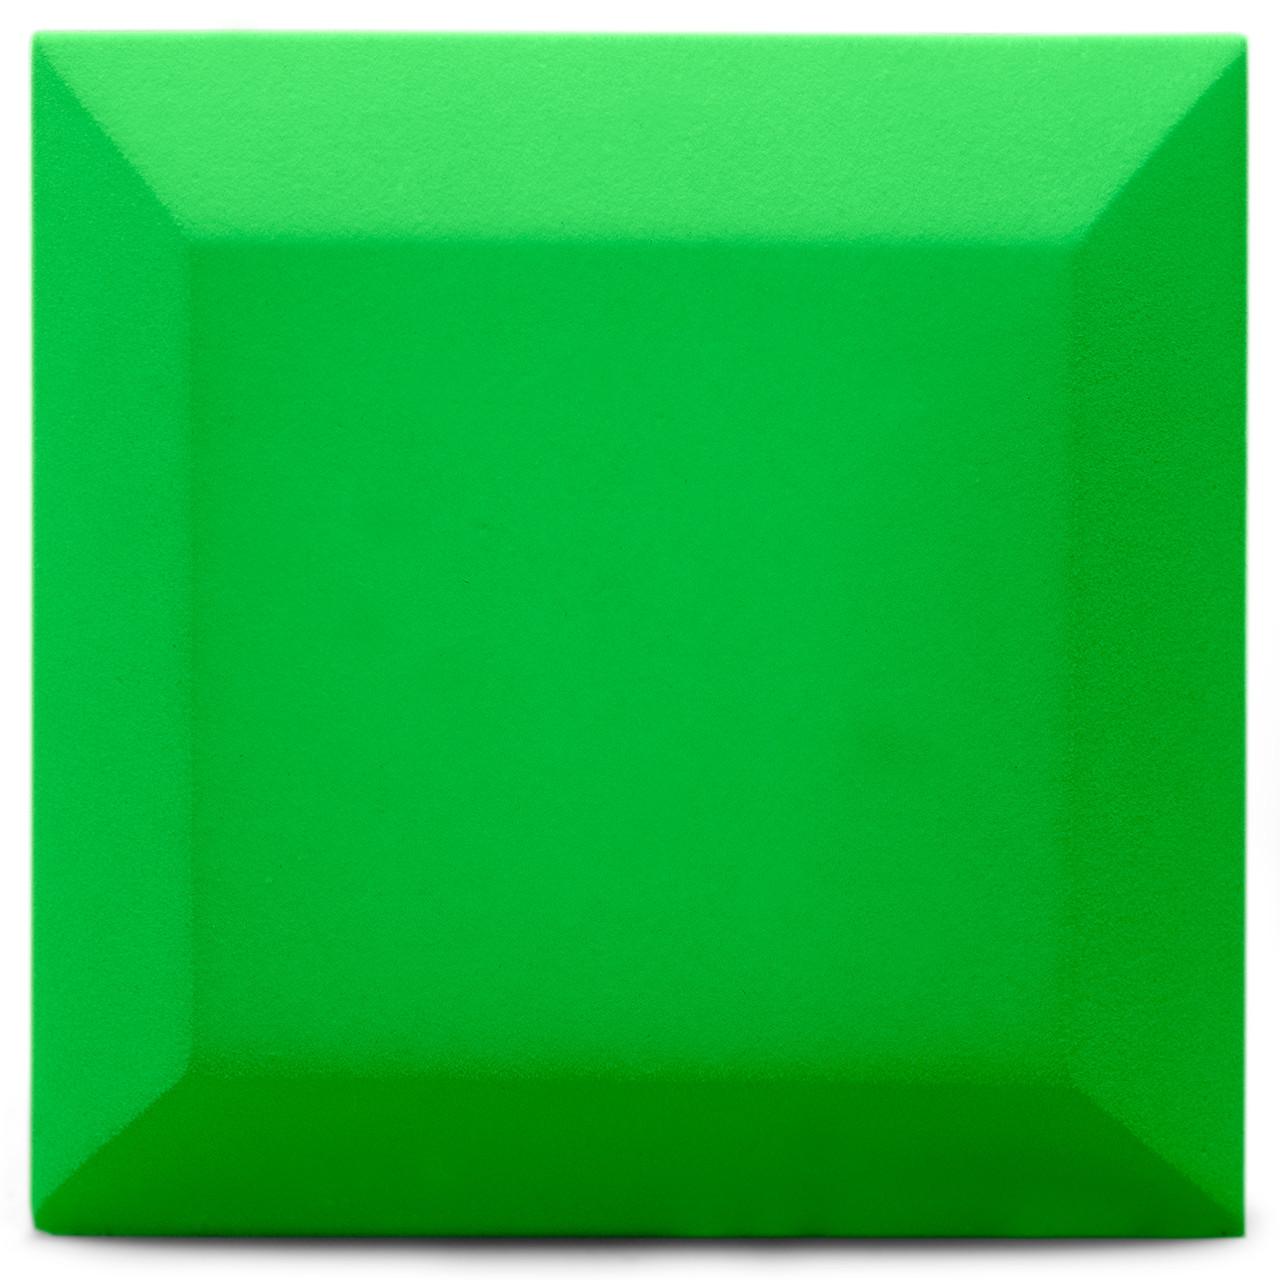 Оксамитова акустична панель з акустичного поролону Ecosound Velvet Pistacho 25х25см 50мм Колір бежевий